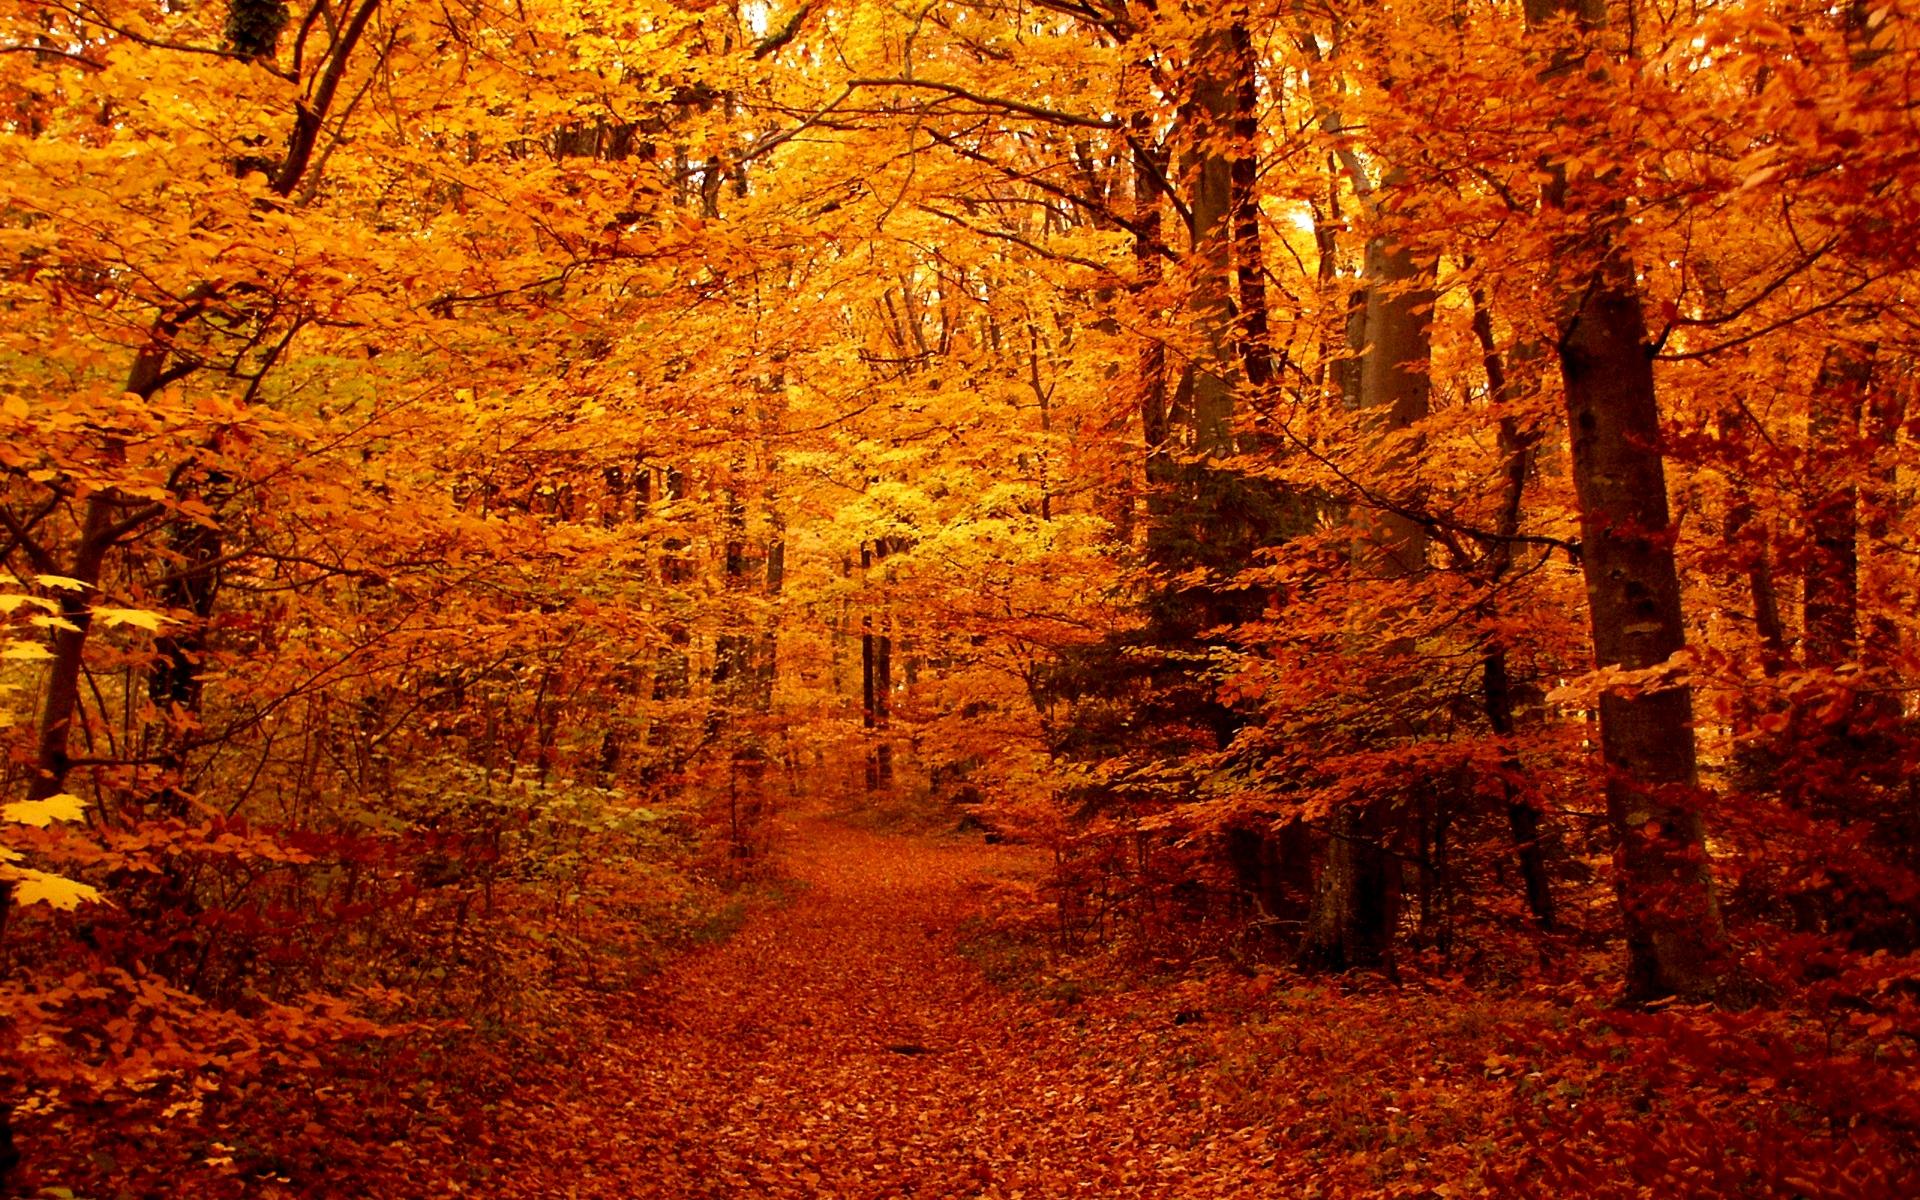 Fall Seasons Wallpaper   wwwwallpapers in hdcom 1920x1200